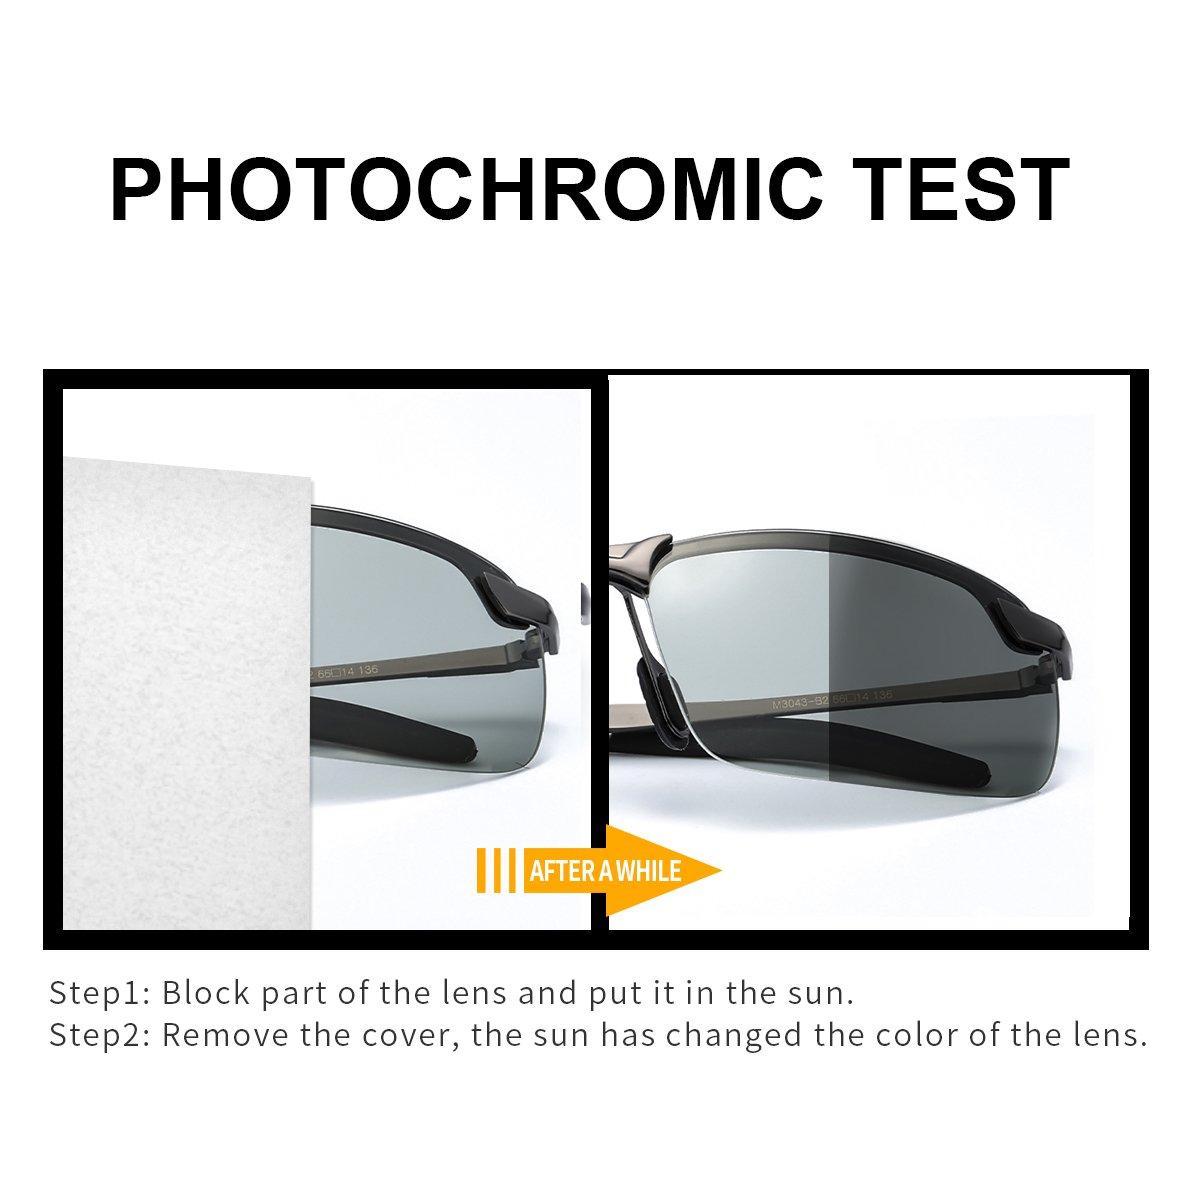 TJUTR Homme Lunette De Soleil Photochromiques Polarisées Conduite Pêche  Golf Eyewear UV400 Protection (Gris Gris)  Amazon.fr  Vêtements et  accessoires cdcc98084408